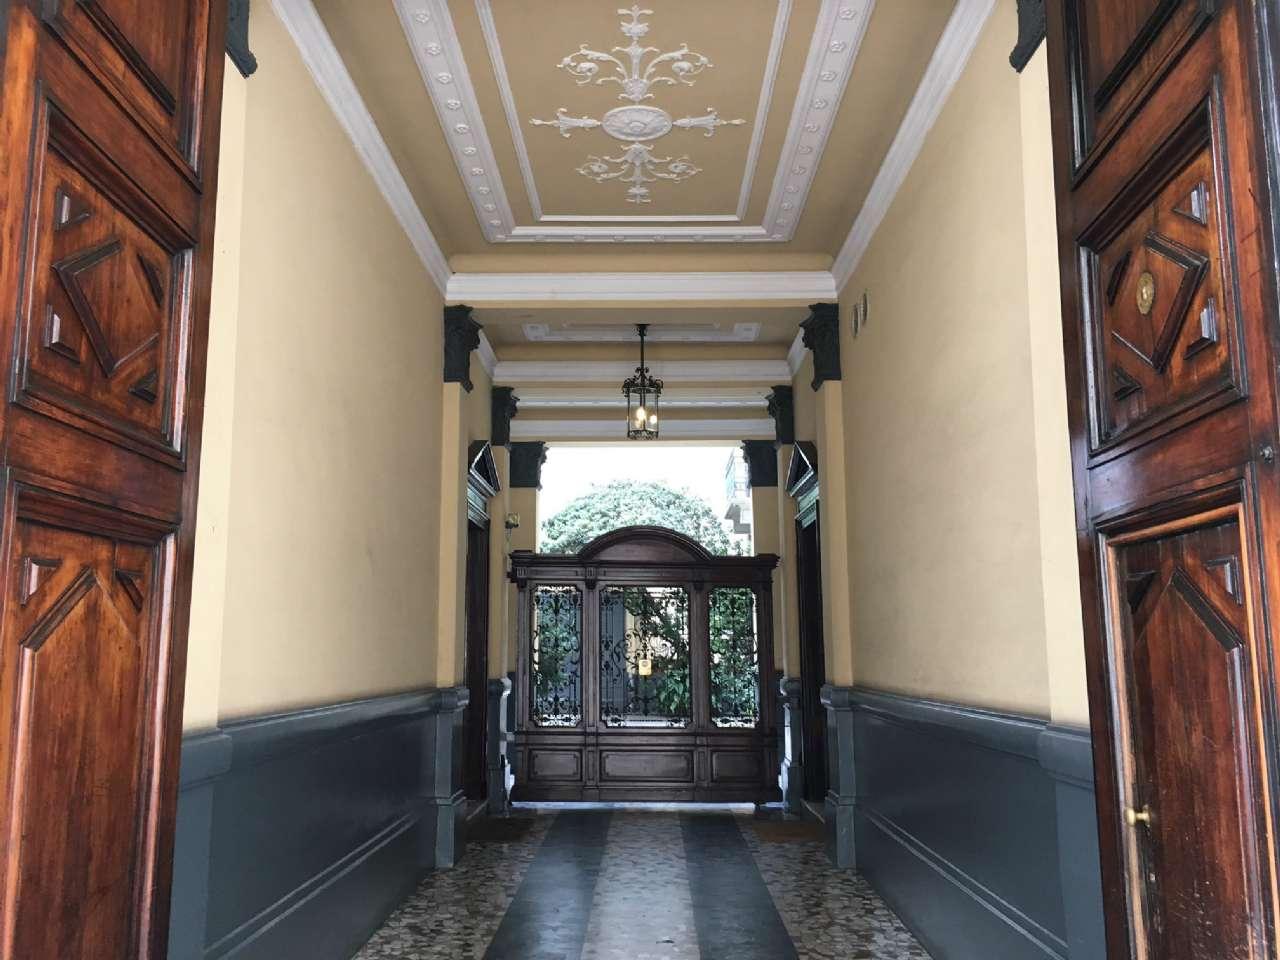 Appartamento in affitto a Milano, 3 locali, zona Zona: 1 . Centro Storico, Duomo, Brera, Cadorna, Cattolica, prezzo € 3.000 | CambioCasa.it